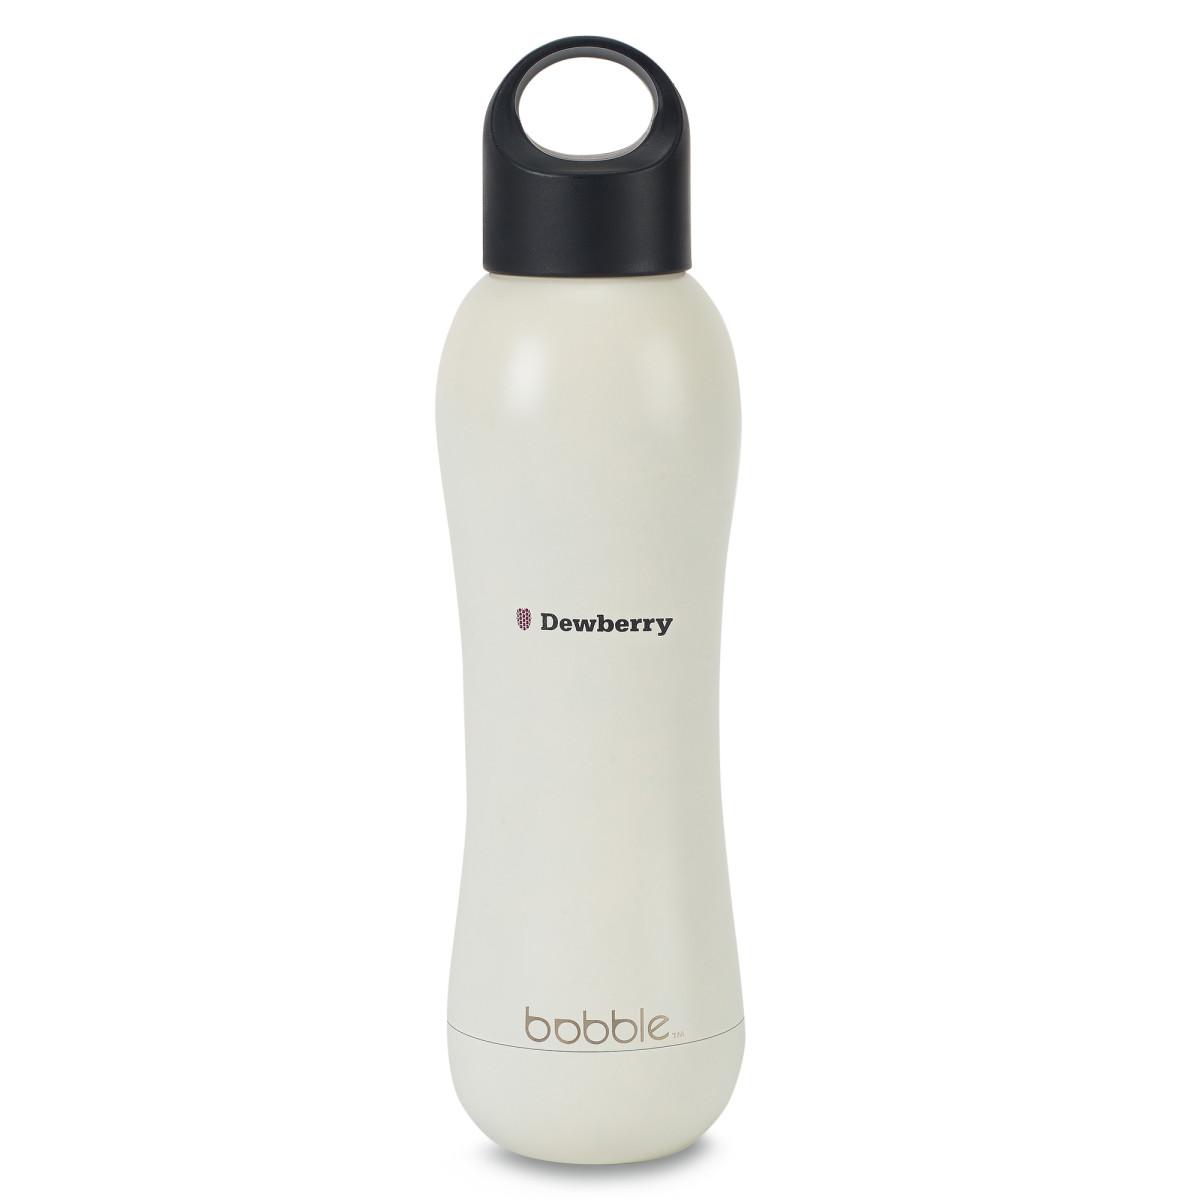 bobble insulate - 15 oz White